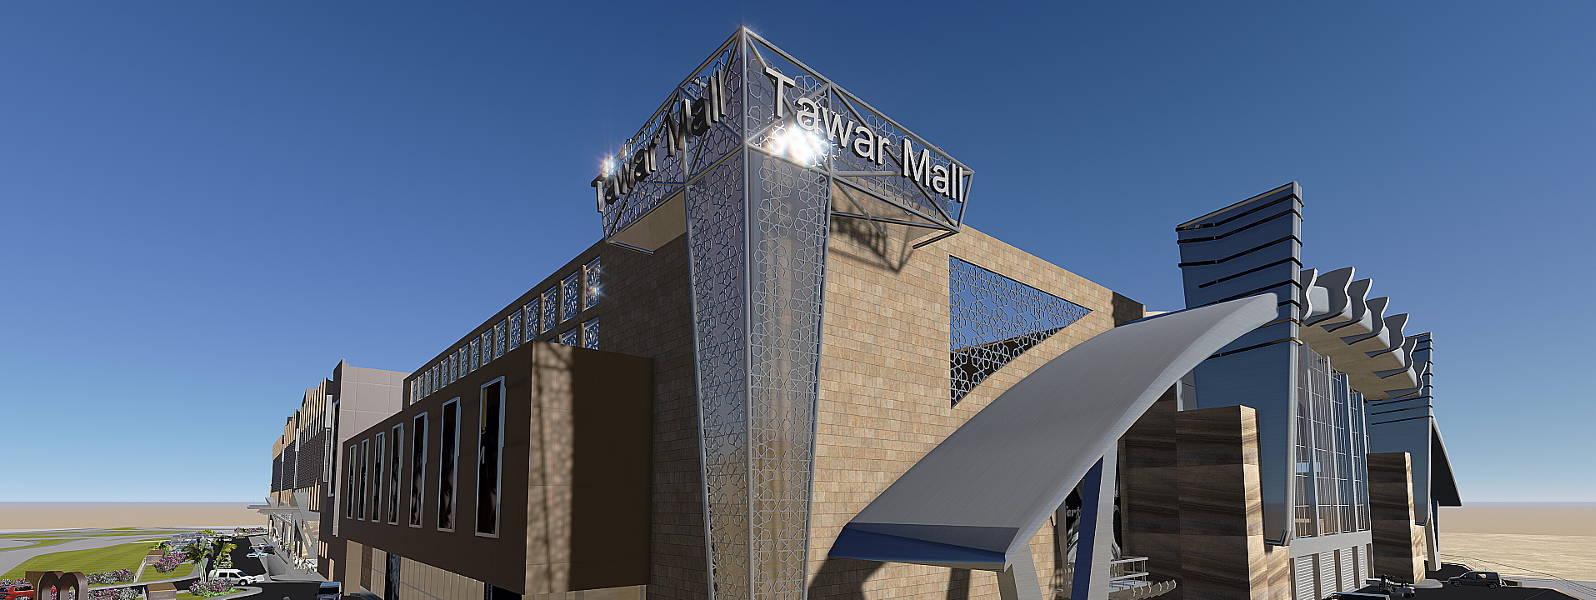 Tawar Mall, Doha, Katar, źródło: http://tawar-mall.com